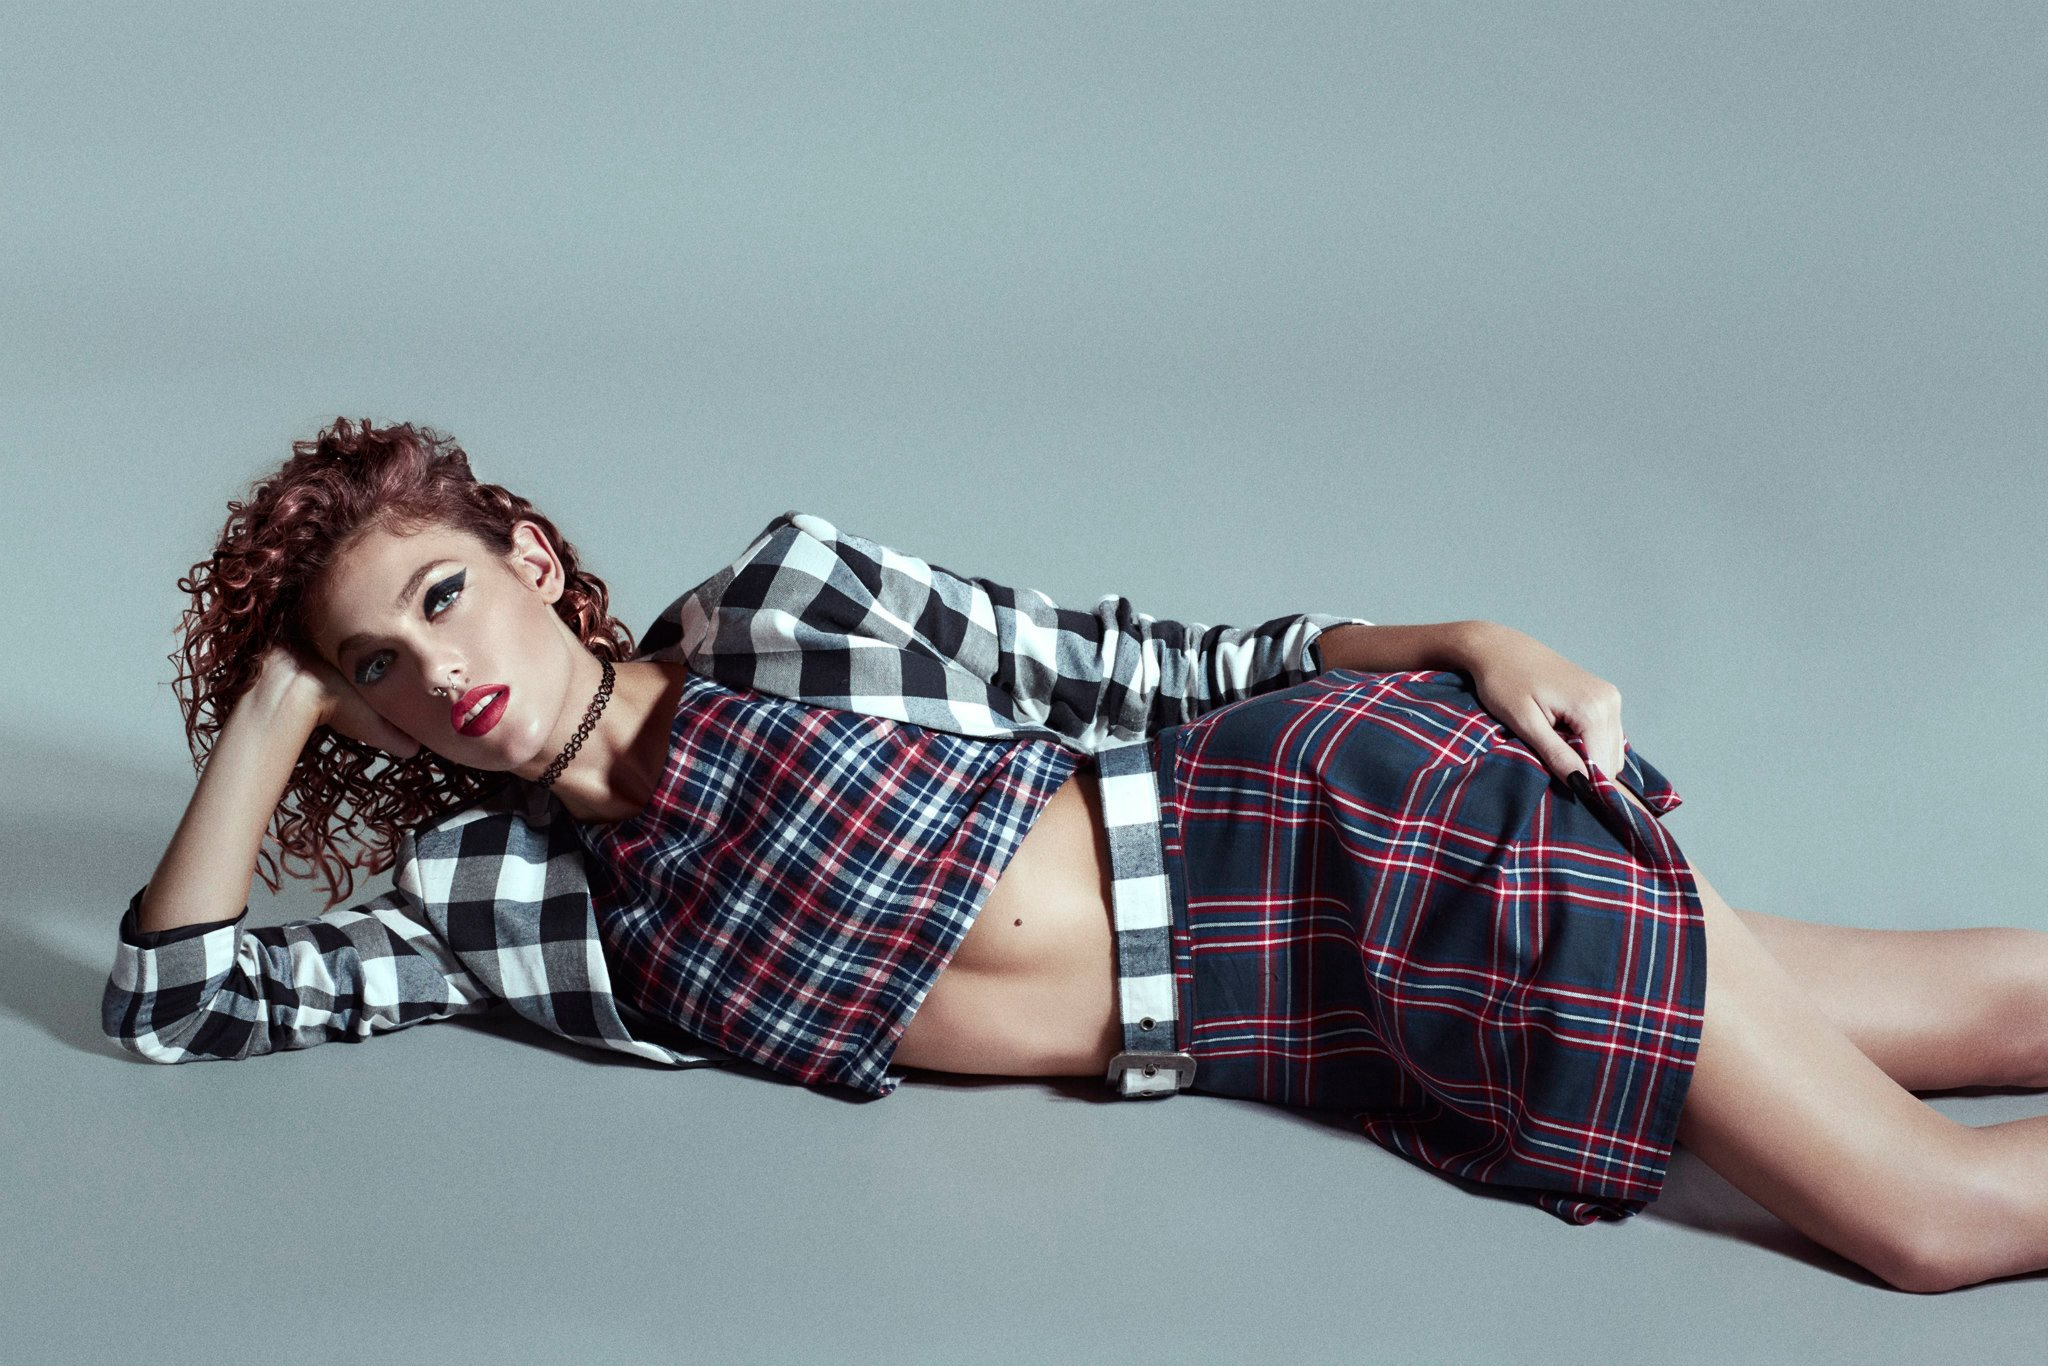 #FashionDesigner Sofi Caputo: prendas cancheras fáciles de usar